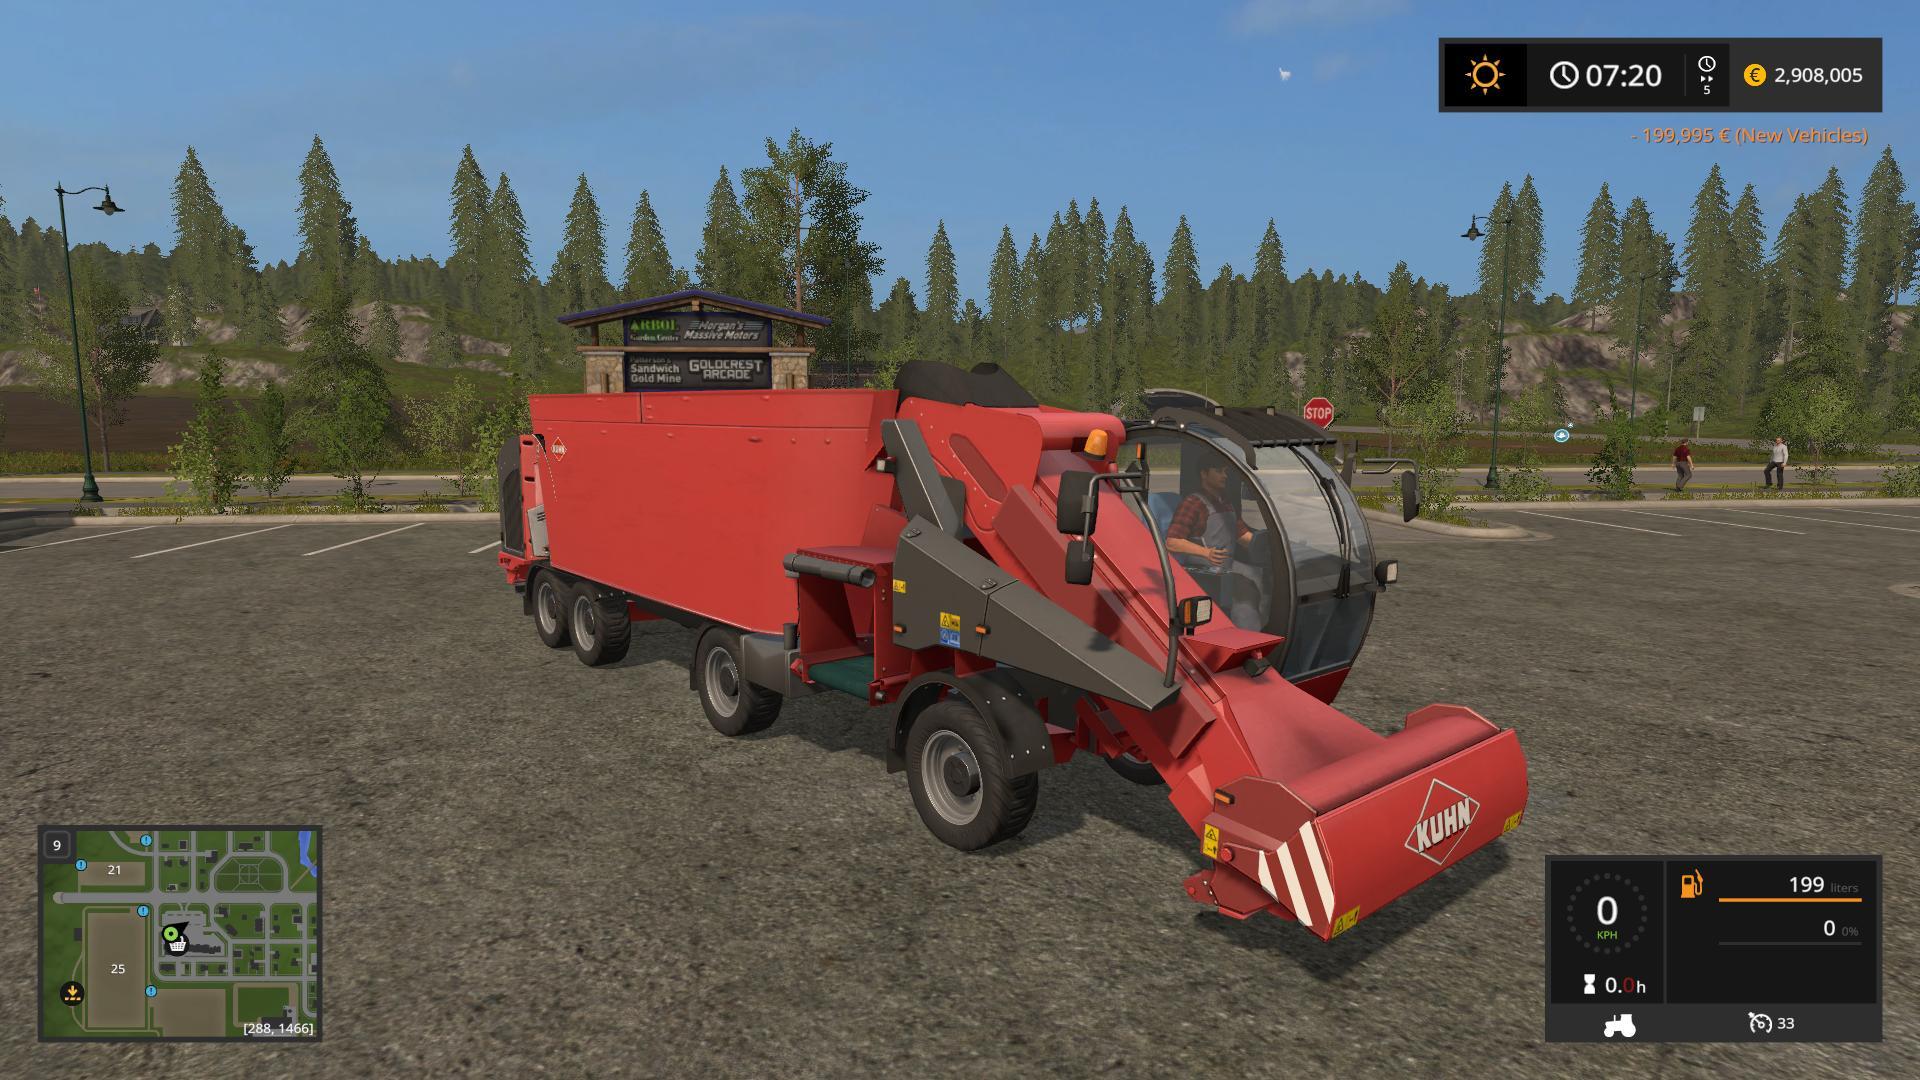 Kuhn Spvxxl V1 0 Fs17 Farming Simulator 17 Mod Fs 2017 Mod